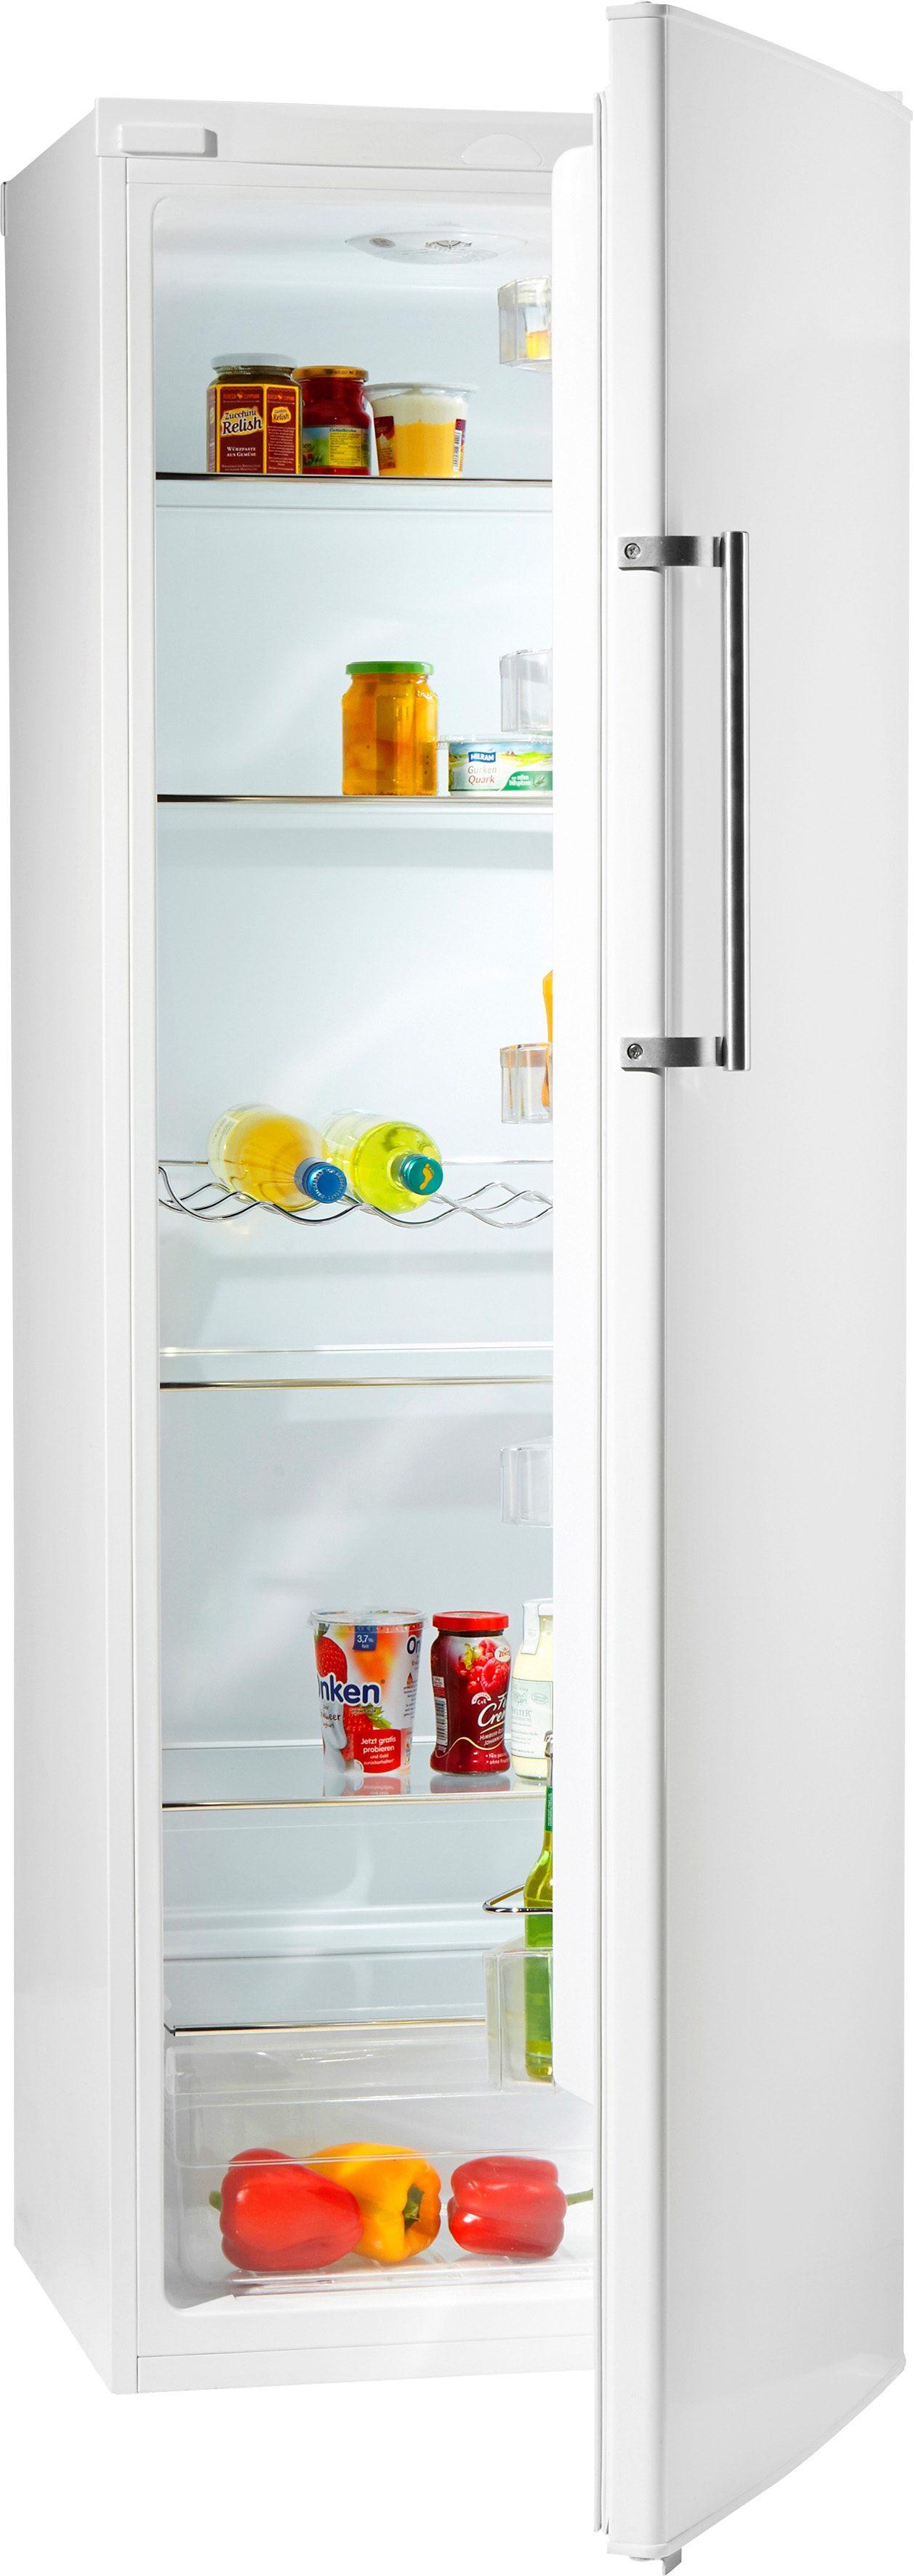 Hanseatic Kühlschrank, 170 cm hoch, 60 cm breit per Raten ...